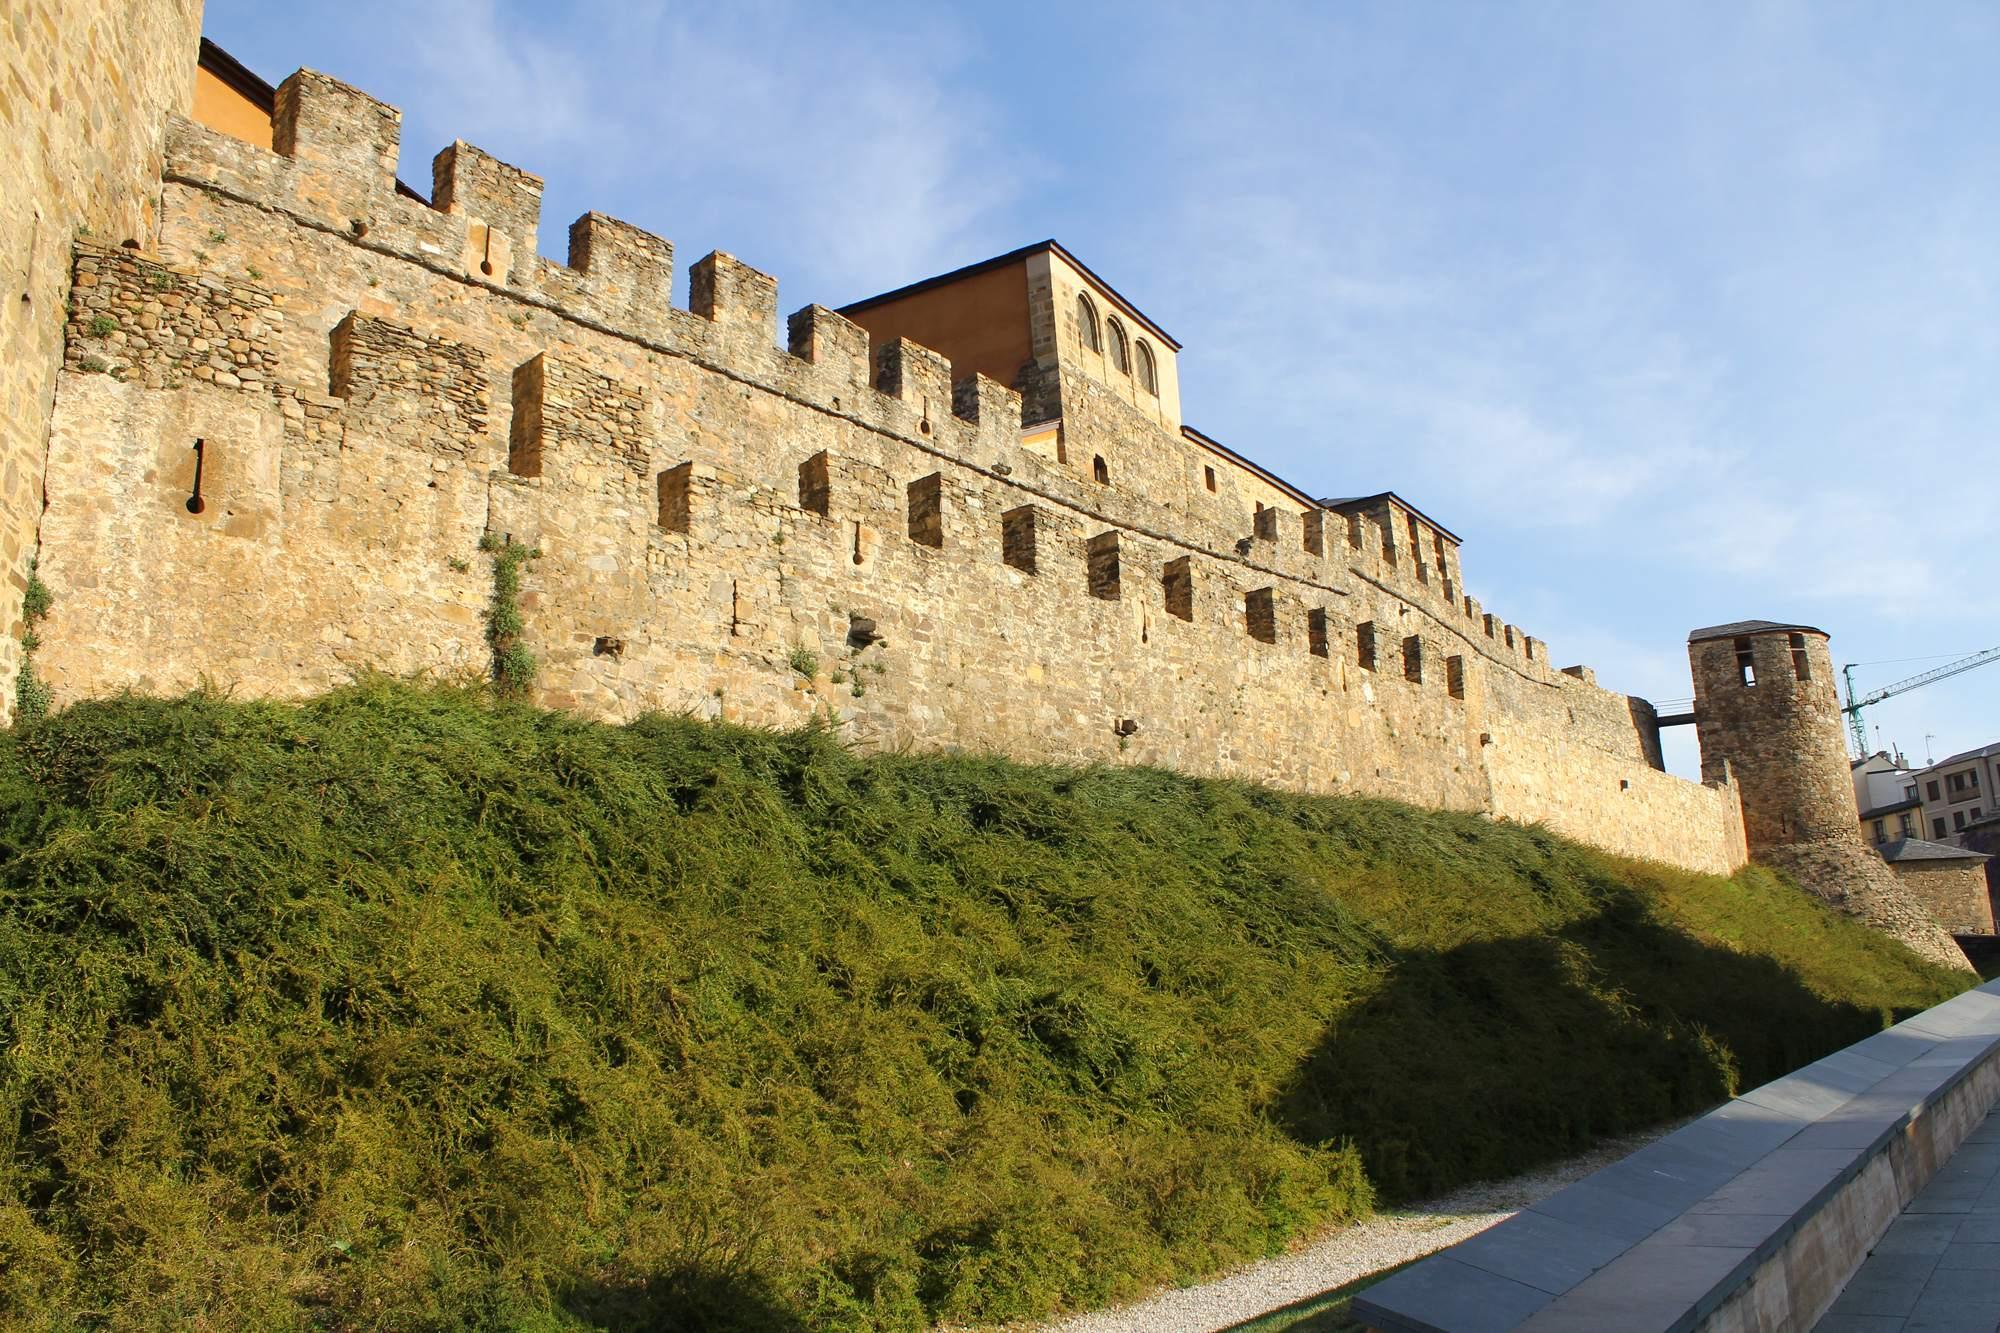 castle ponferrada2 Templar Castle of Ponferrada, Spain